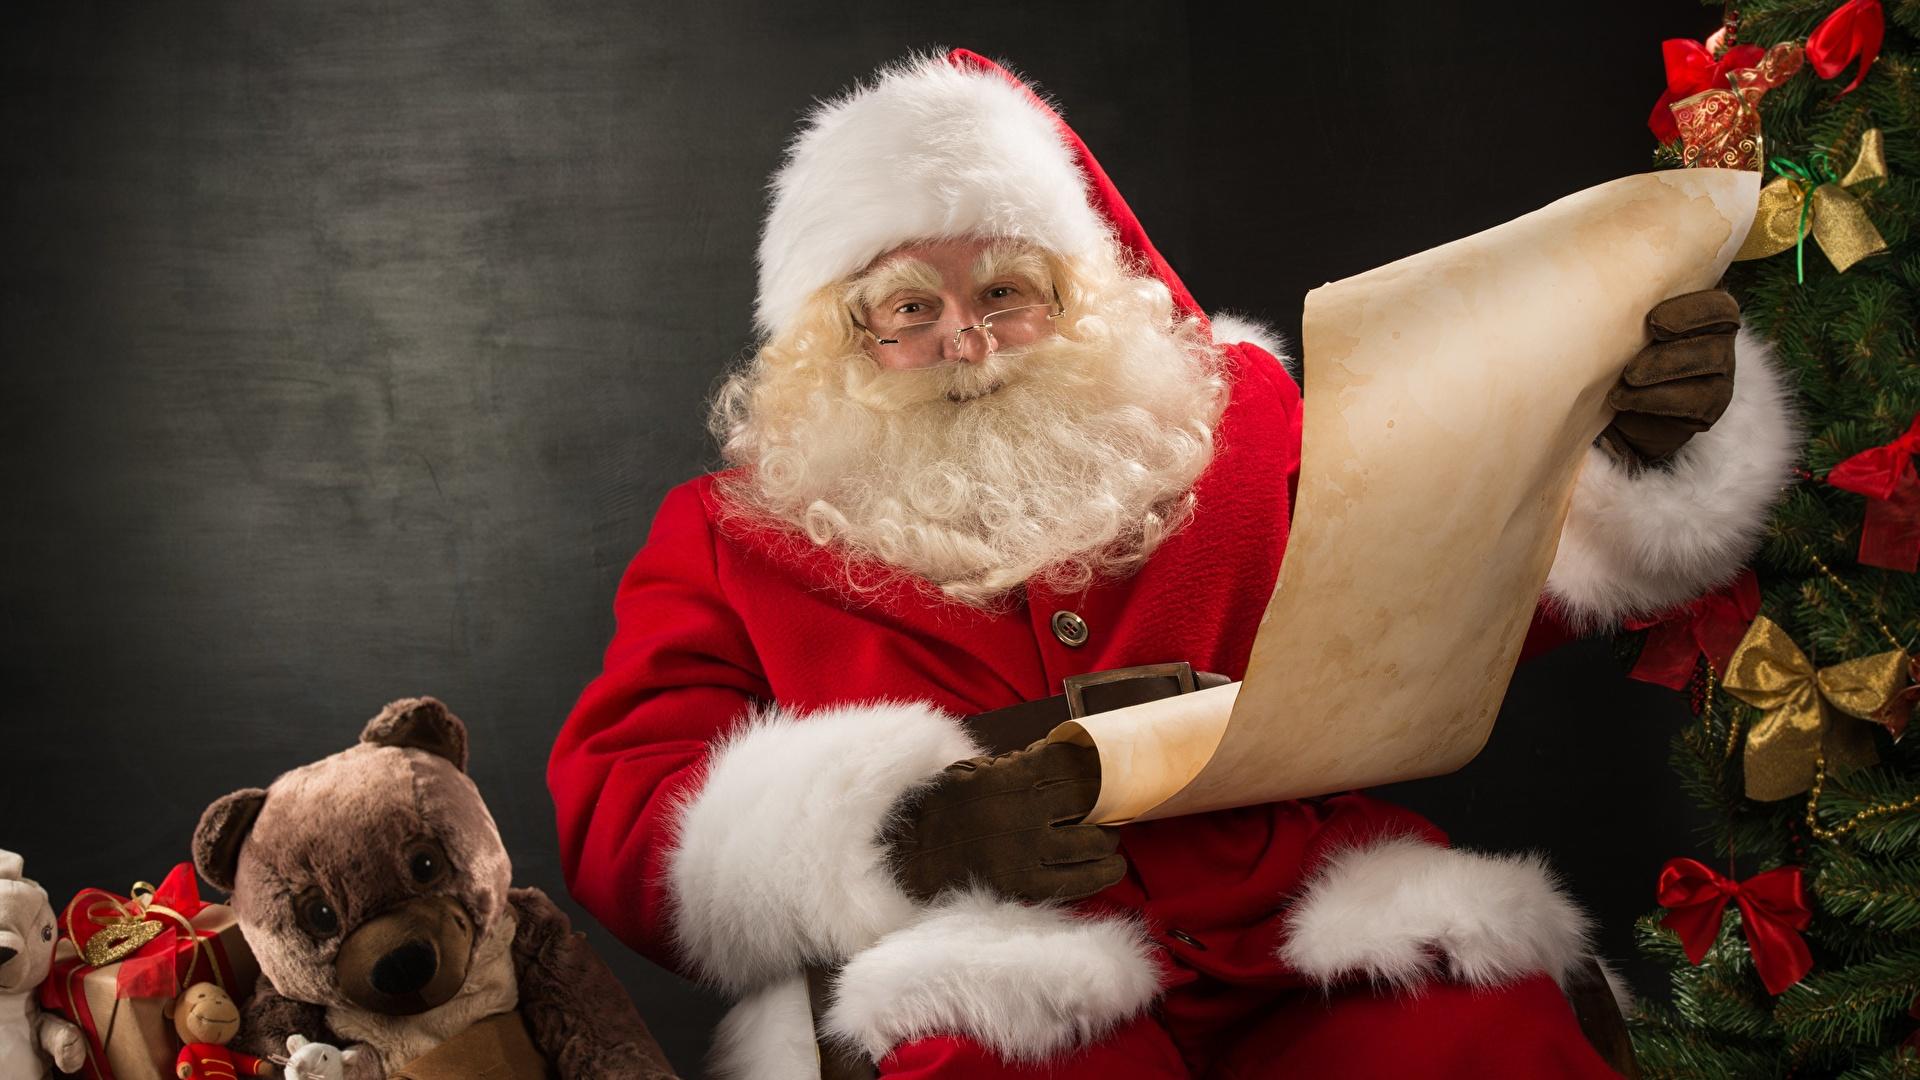 Bilder Barthaar Mütze Weihnachtsmann Teddy Geschenke Brille Sitzend 1920x1080 Teddybär Knuddelbär